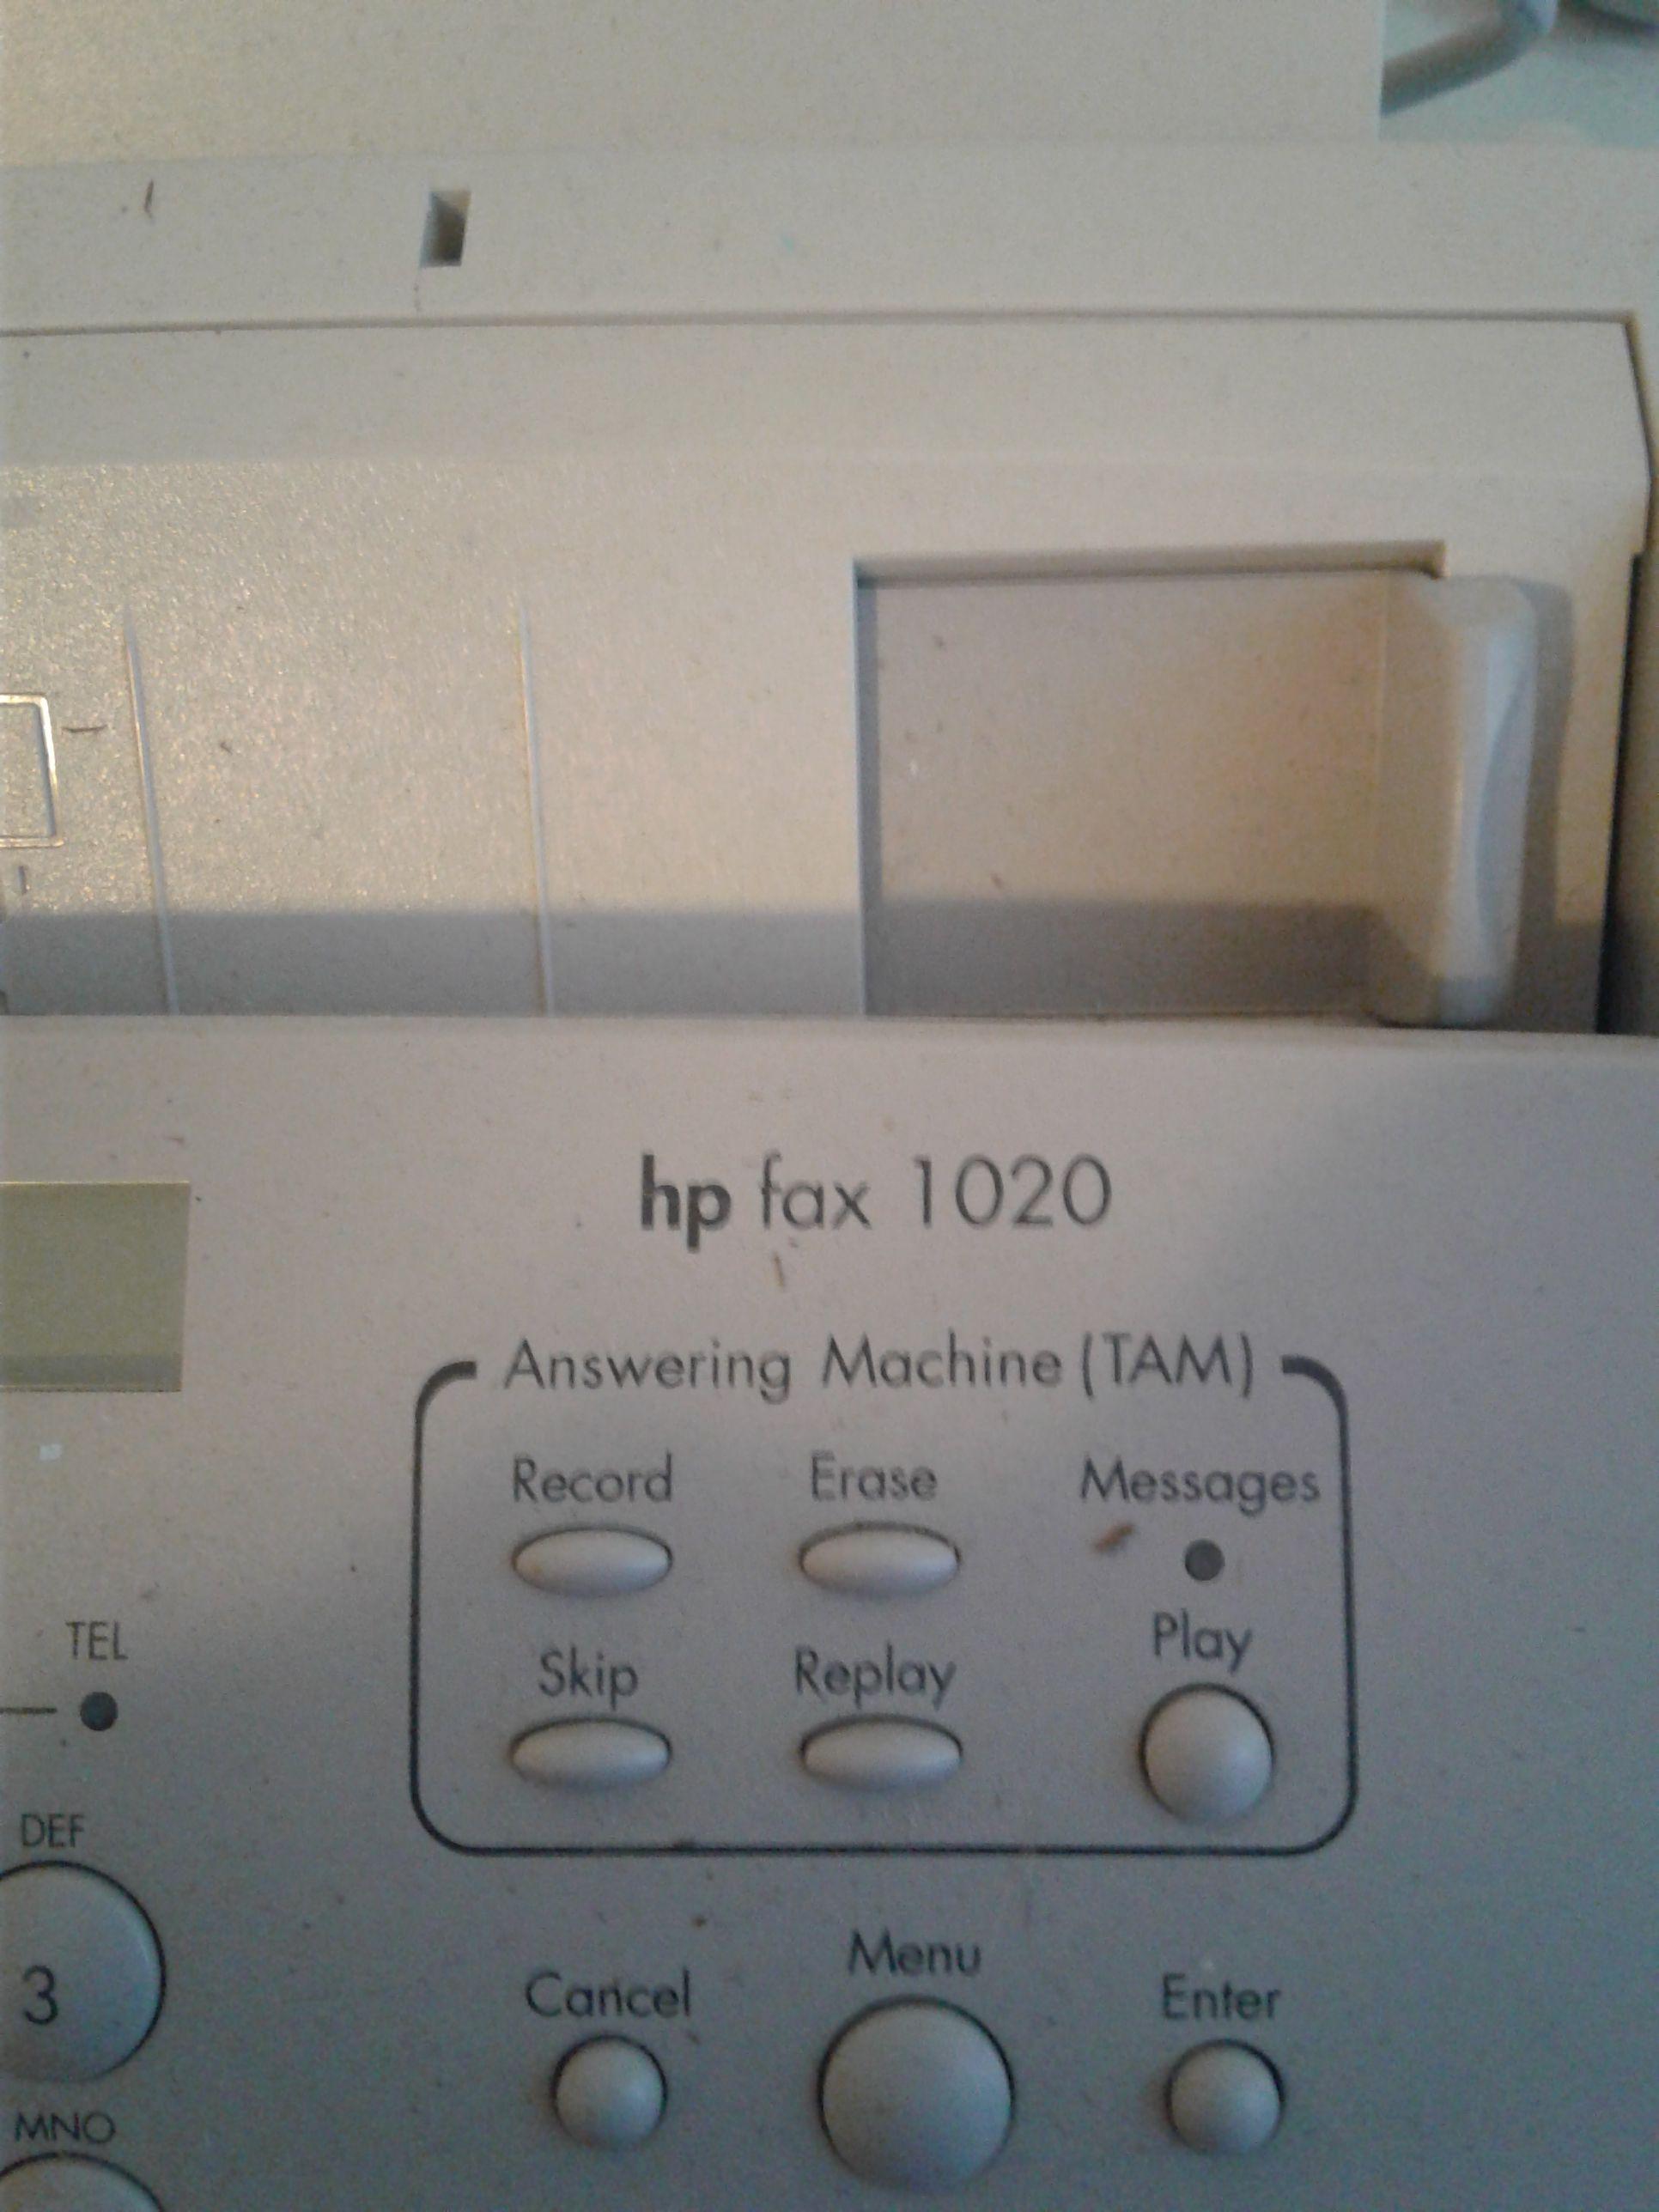 HP Fax 1020